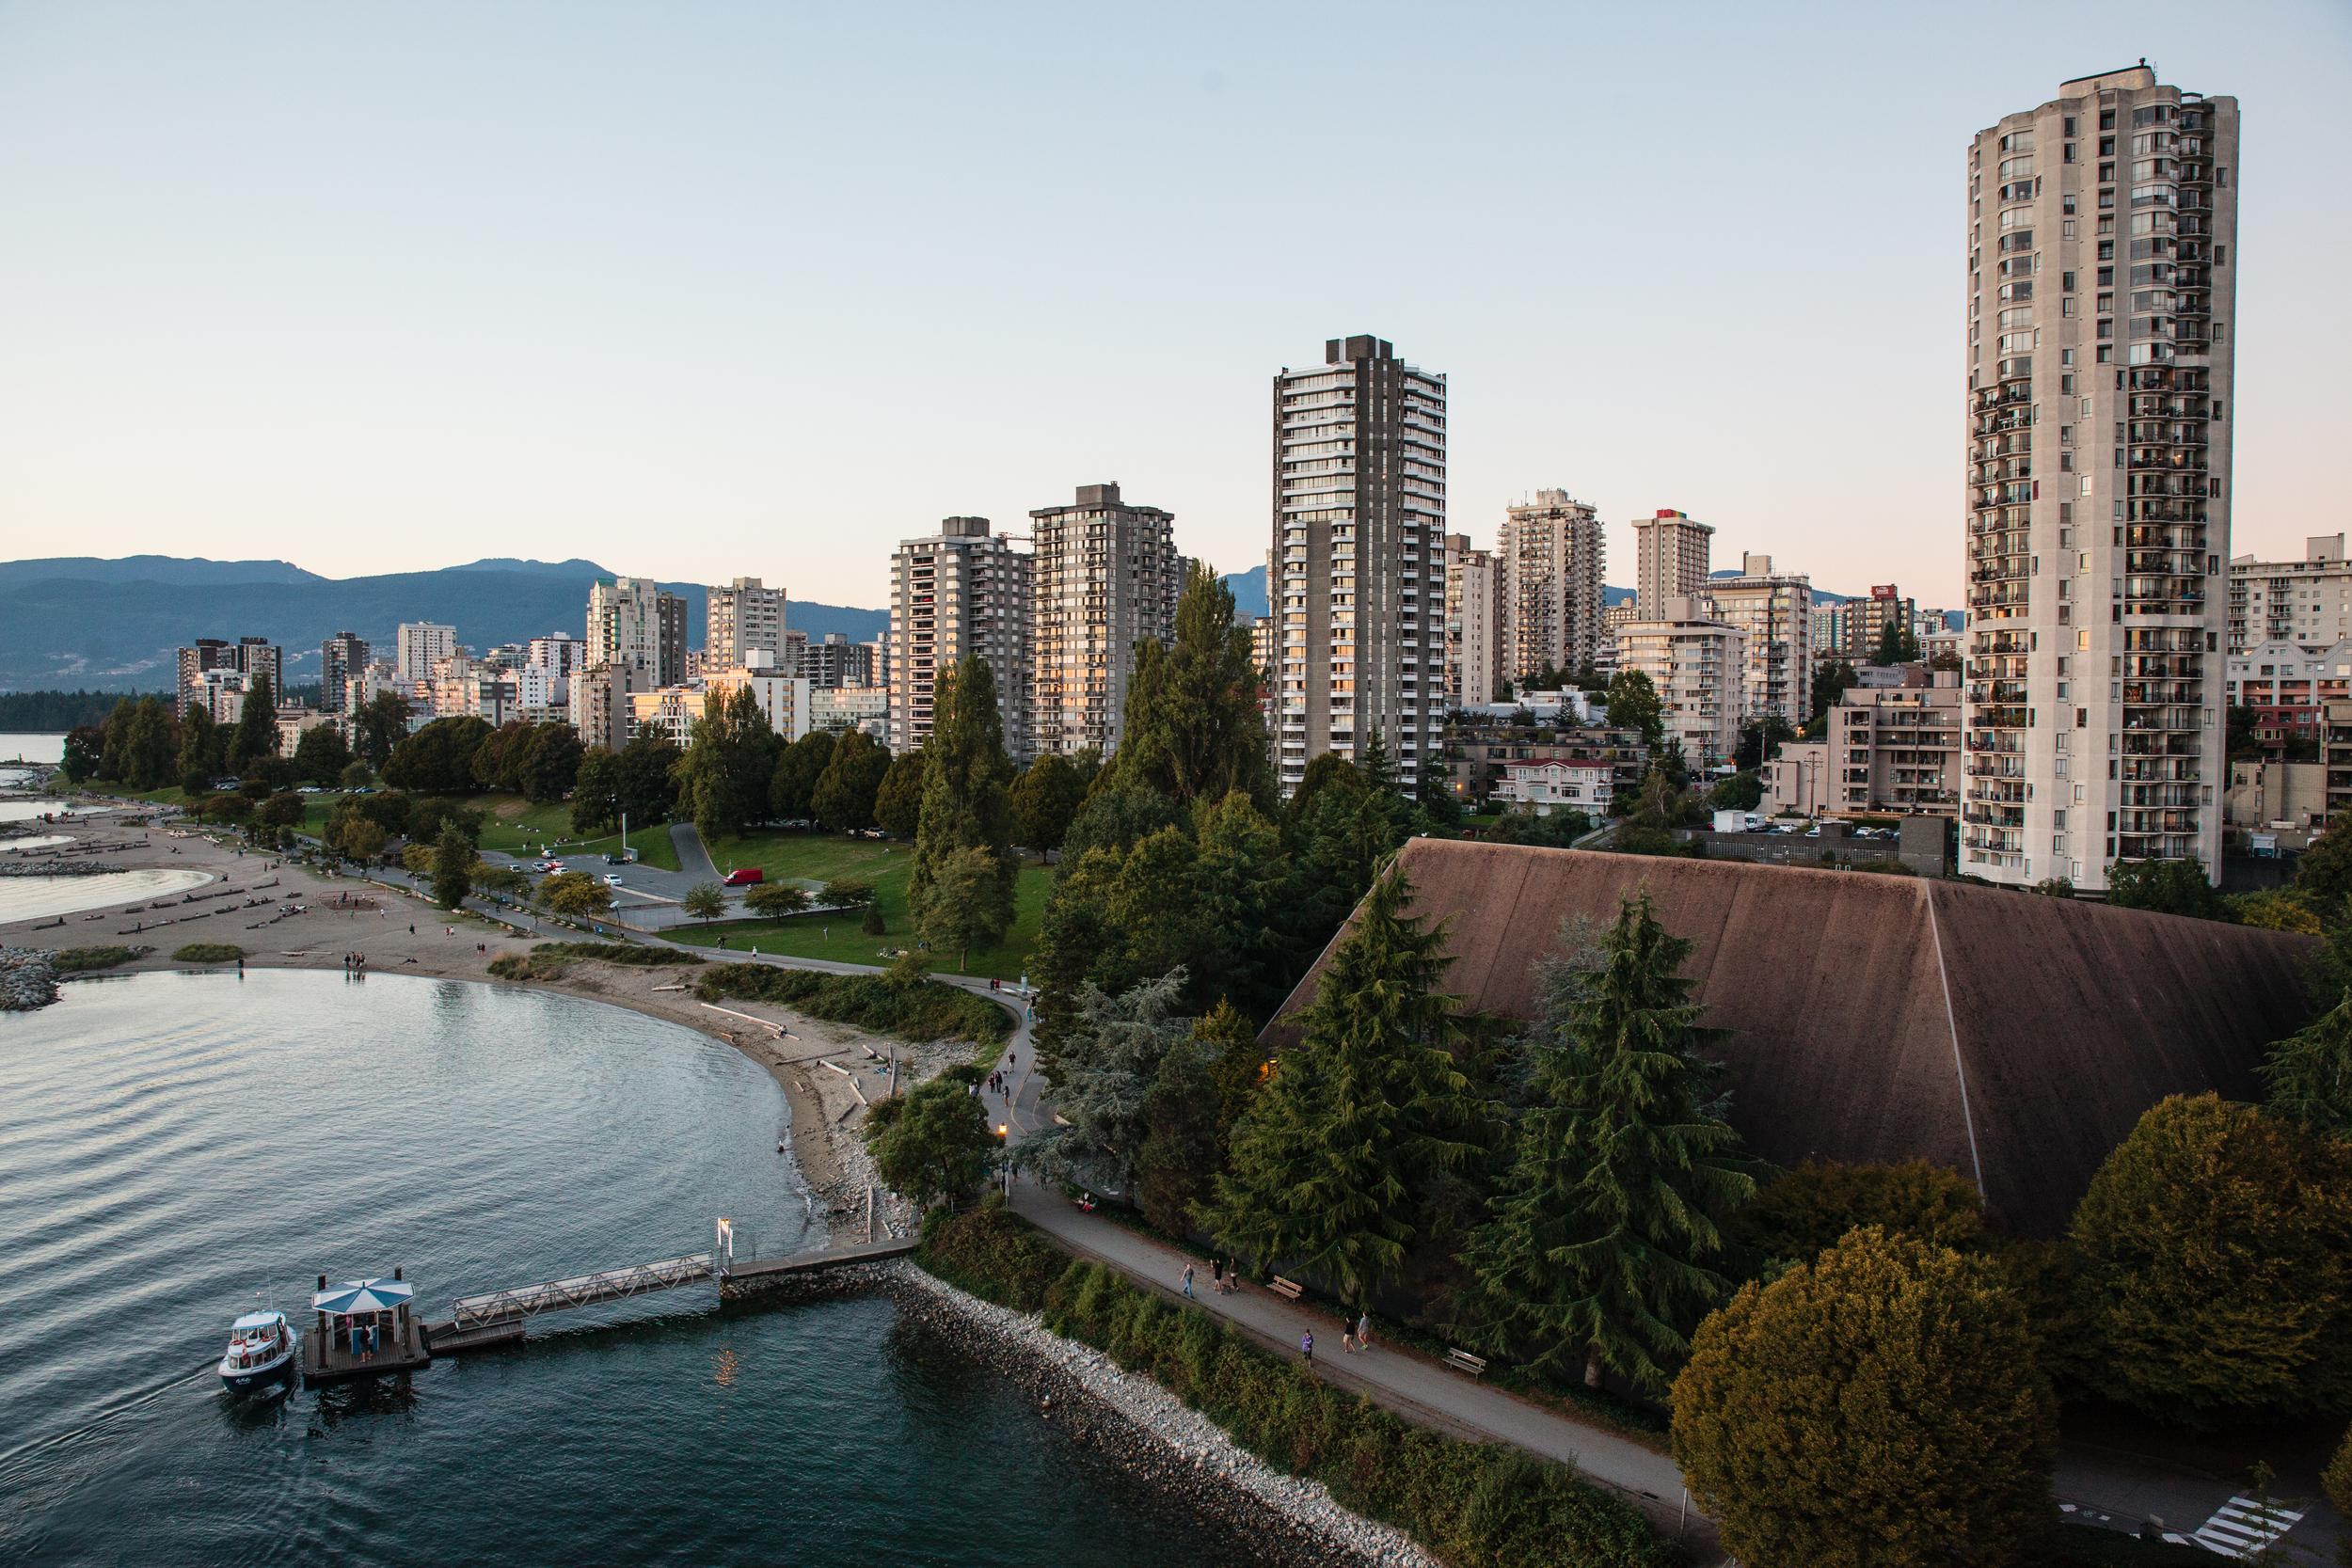 Een mooi zicht op één van de baaien van Vancouver. Bram Scheerlinck, onze nieuwe gastblogger, brengt eigenzinnig fotografie. Hij legt de magie van natuur en stad vast in zijn foto's.